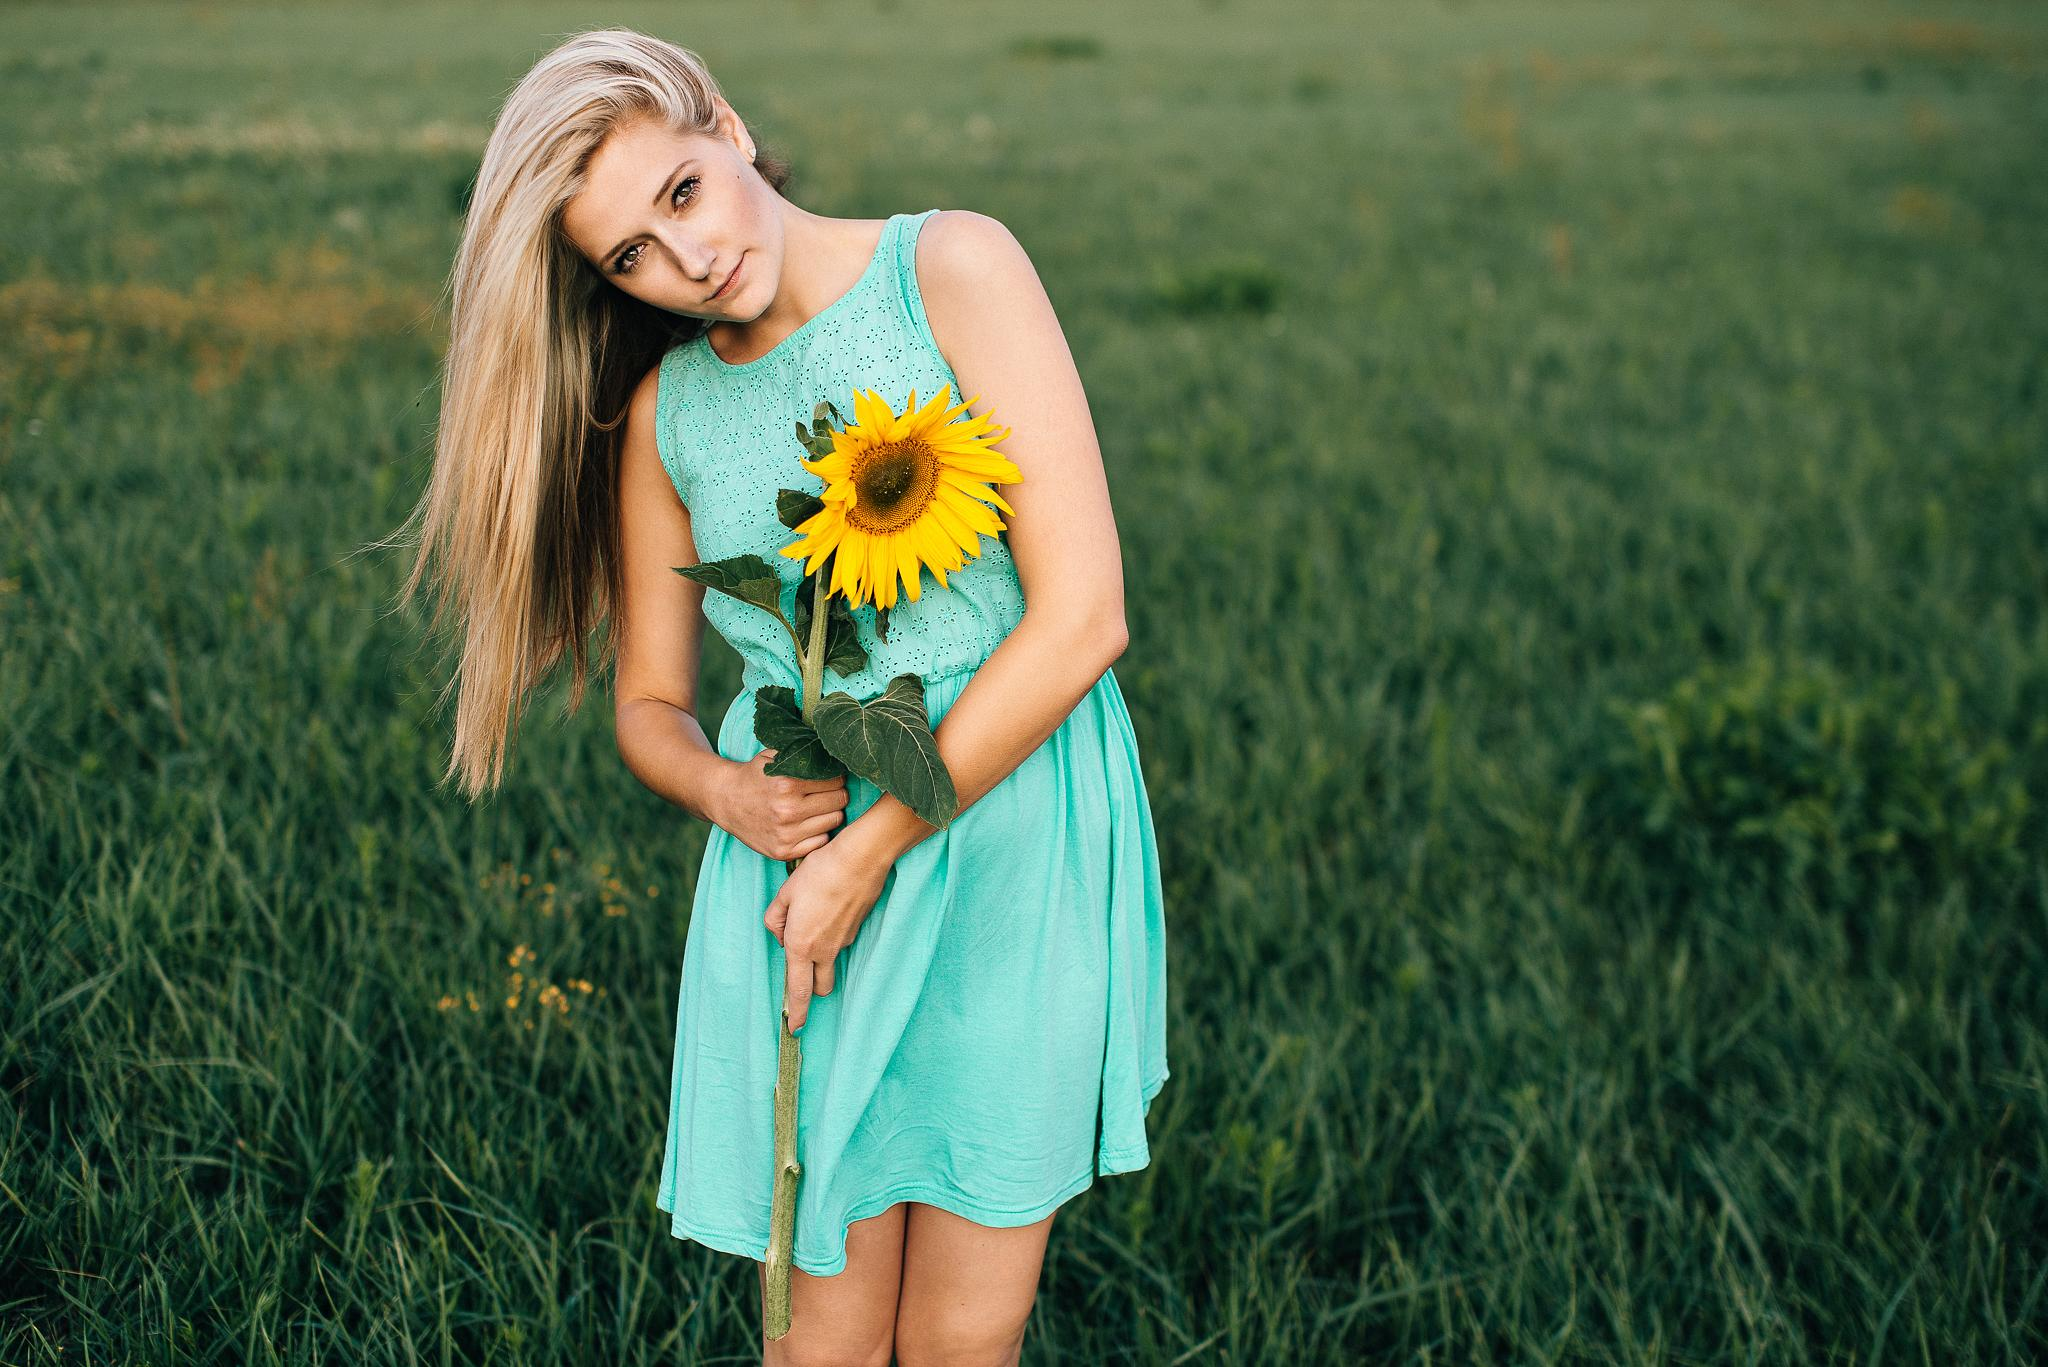 - Lara - I love sunflowers by stevenritzer